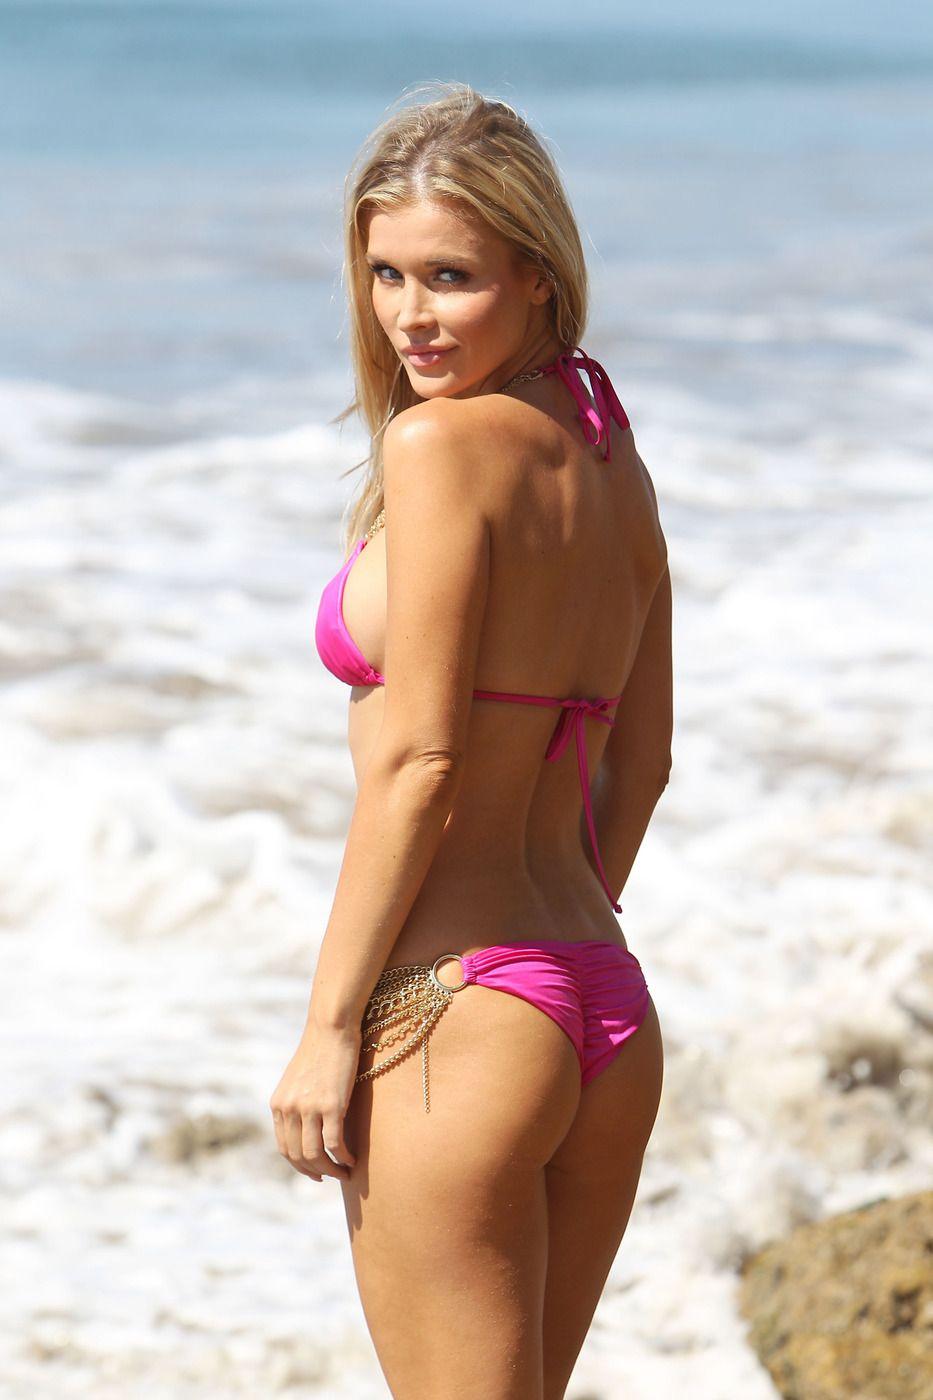 Booty Joanna Krupa nude photos 2019